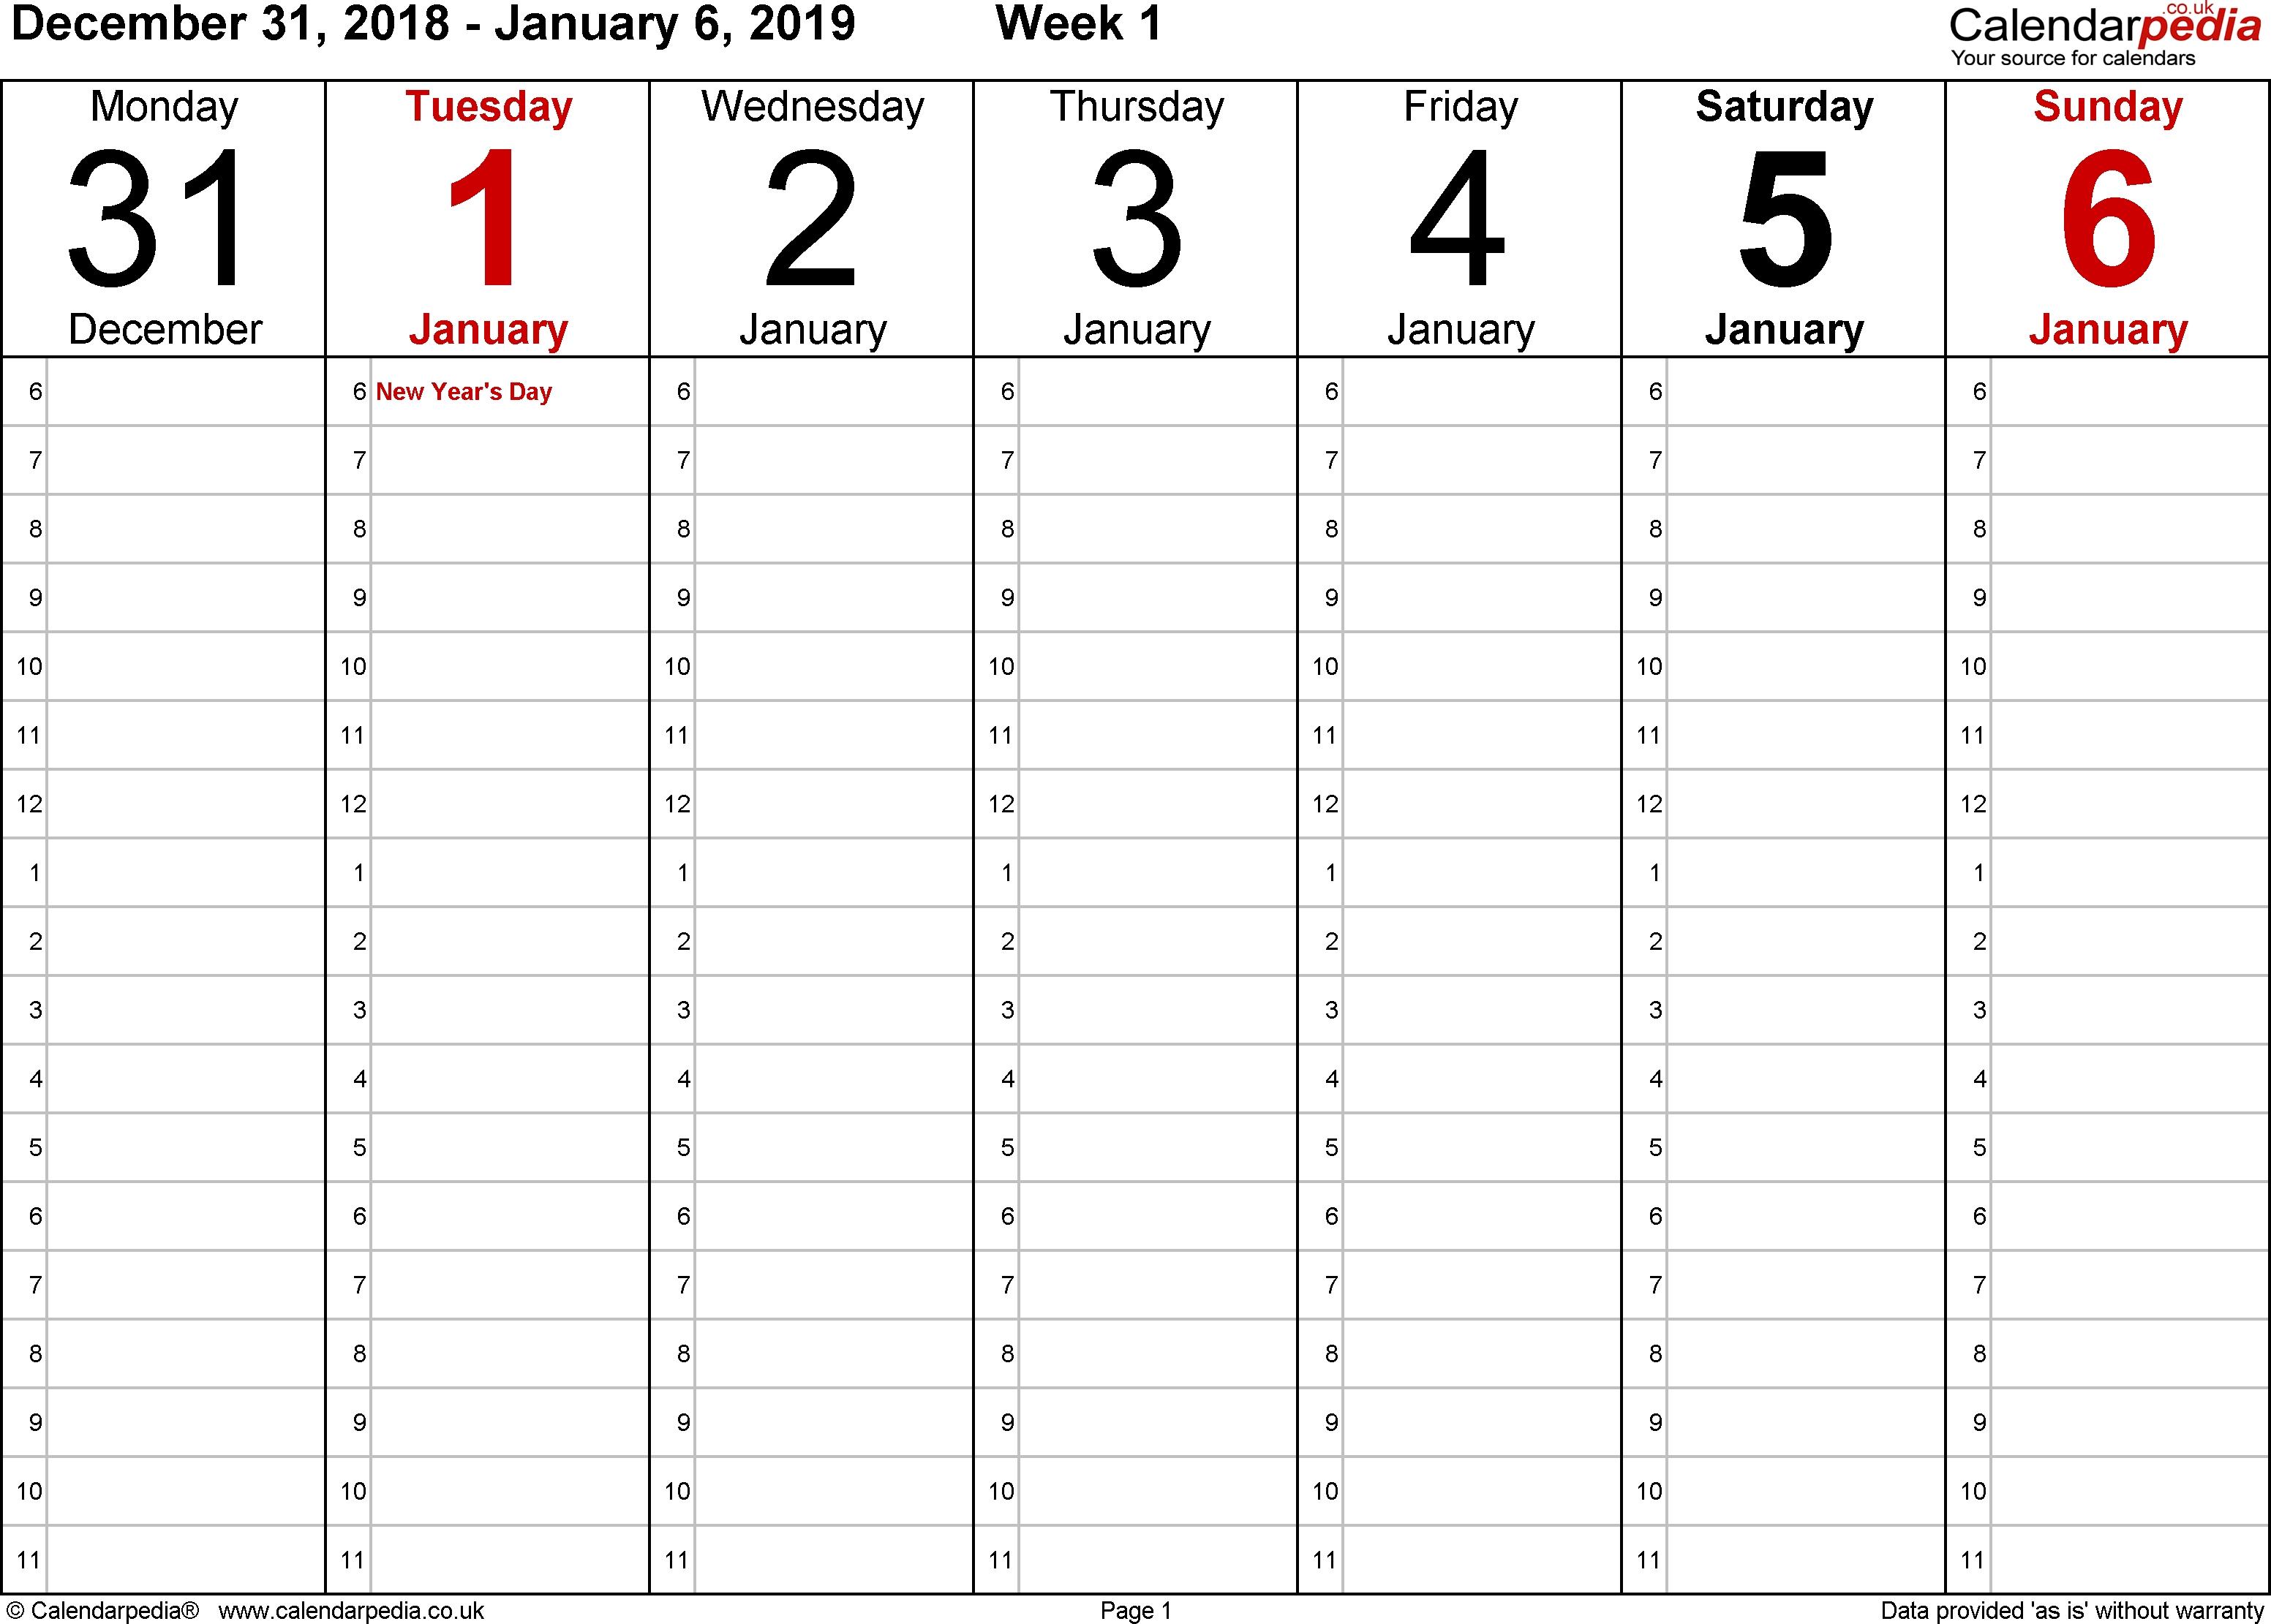 Weekly Calendar Uk Free Printable S For Excel Week Hourly | Smorad